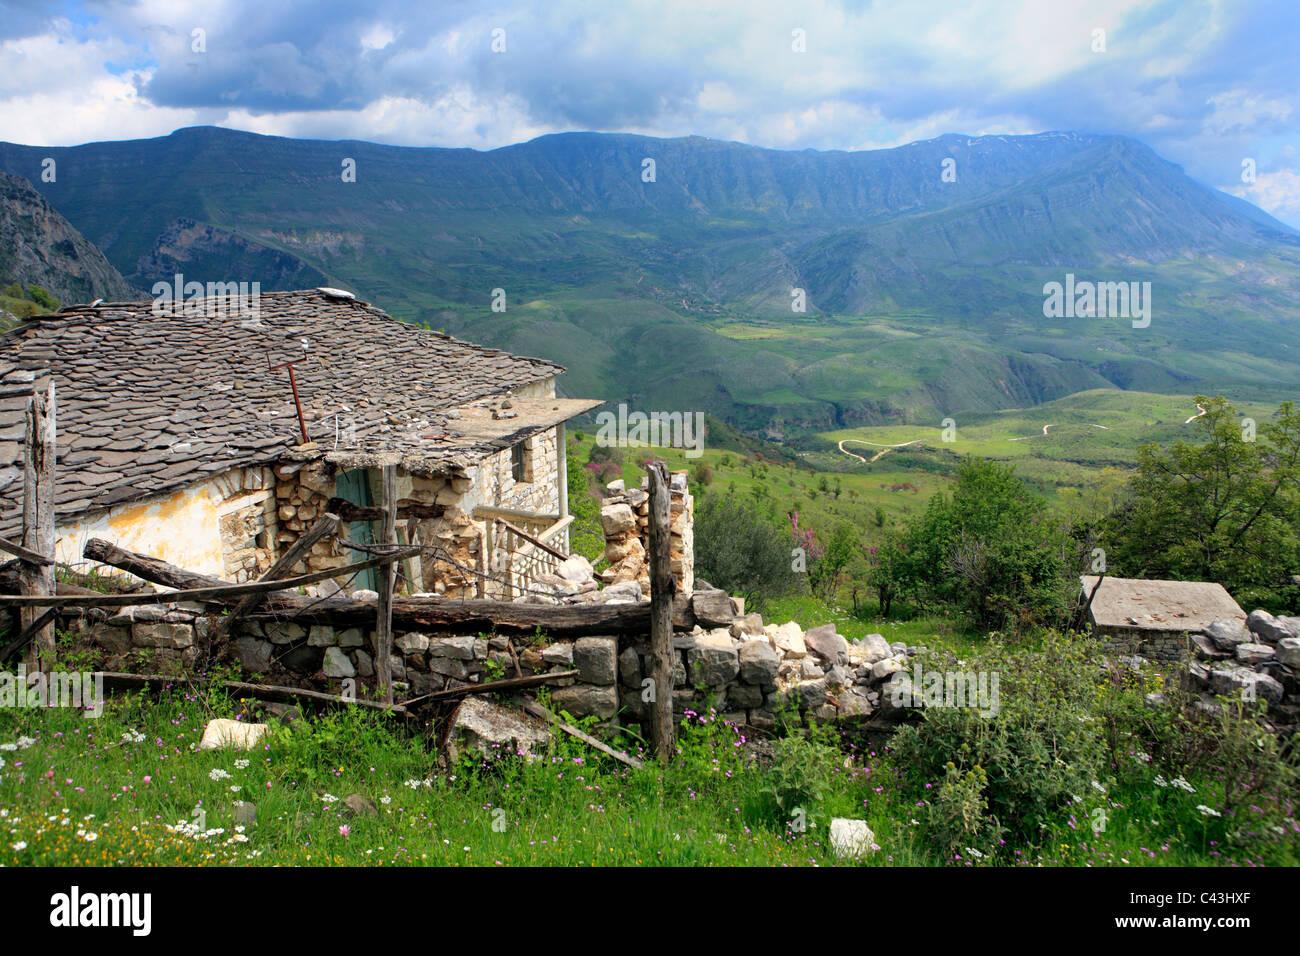 Albanien, Balkan, Mitteleuropa, Osteuropa, europäische, Südeuropa, Reiseziele, Berg, Berge, Berg, Mo Stockbild